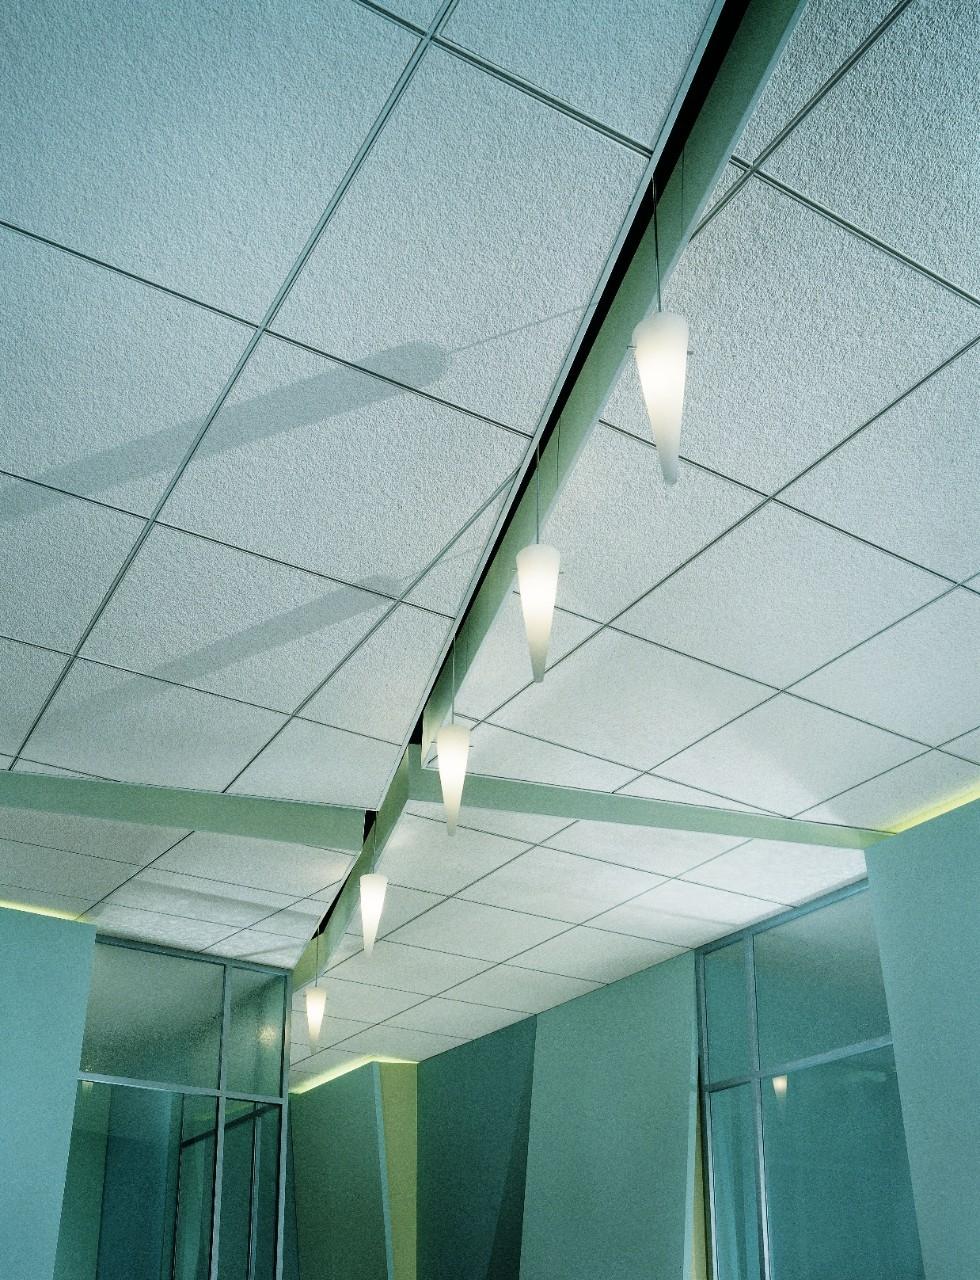 Usg Black Acoustical Ceiling Tile